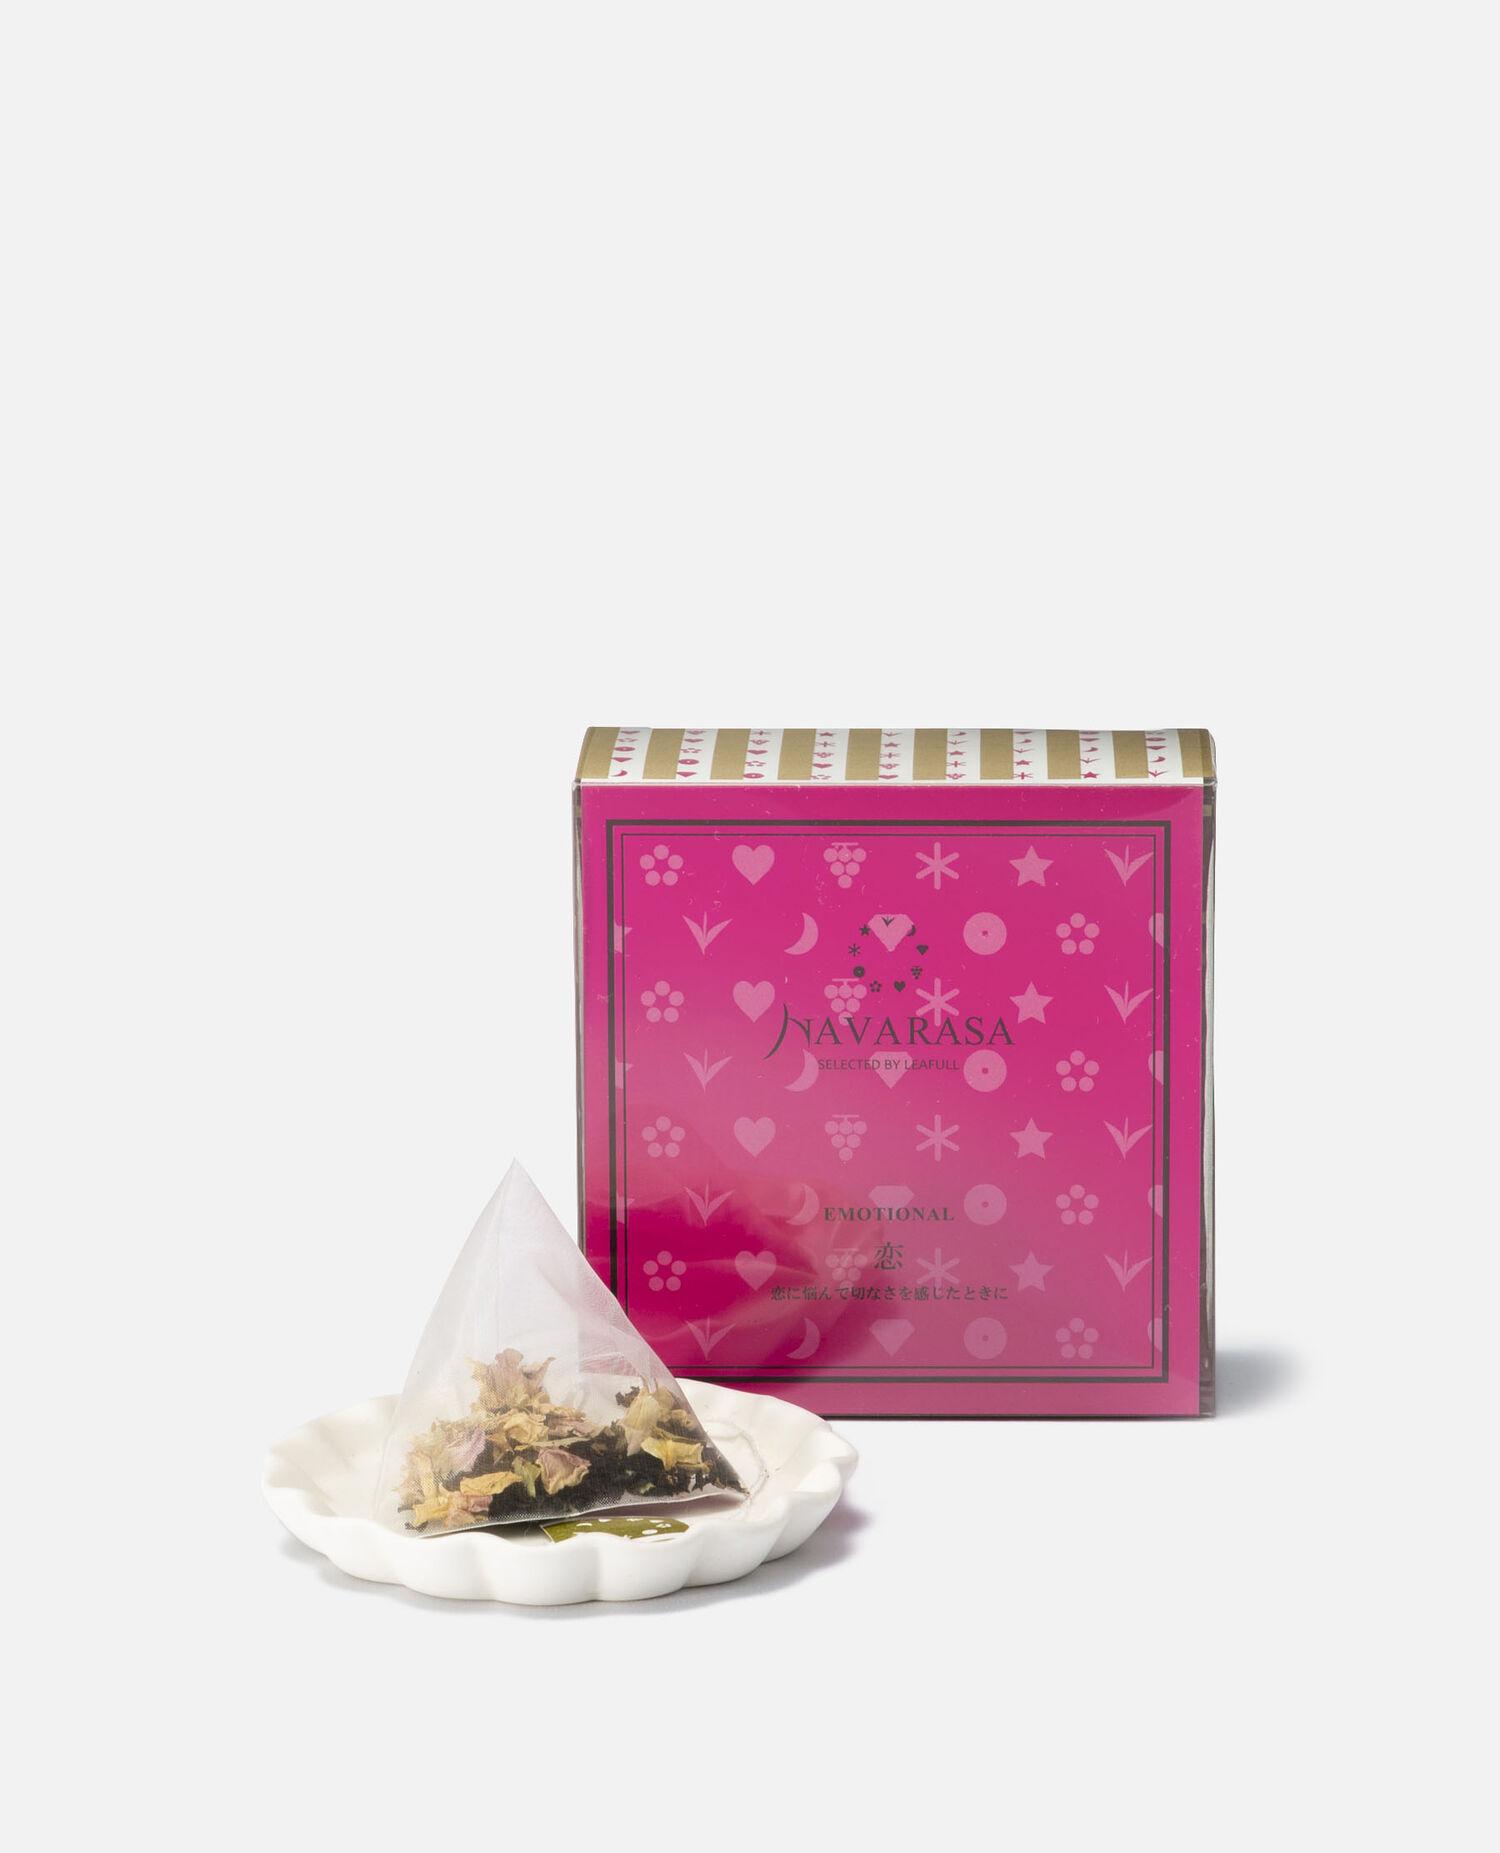 紅茶 エモーショナル 恋(個包装ピトレティーバッグ)